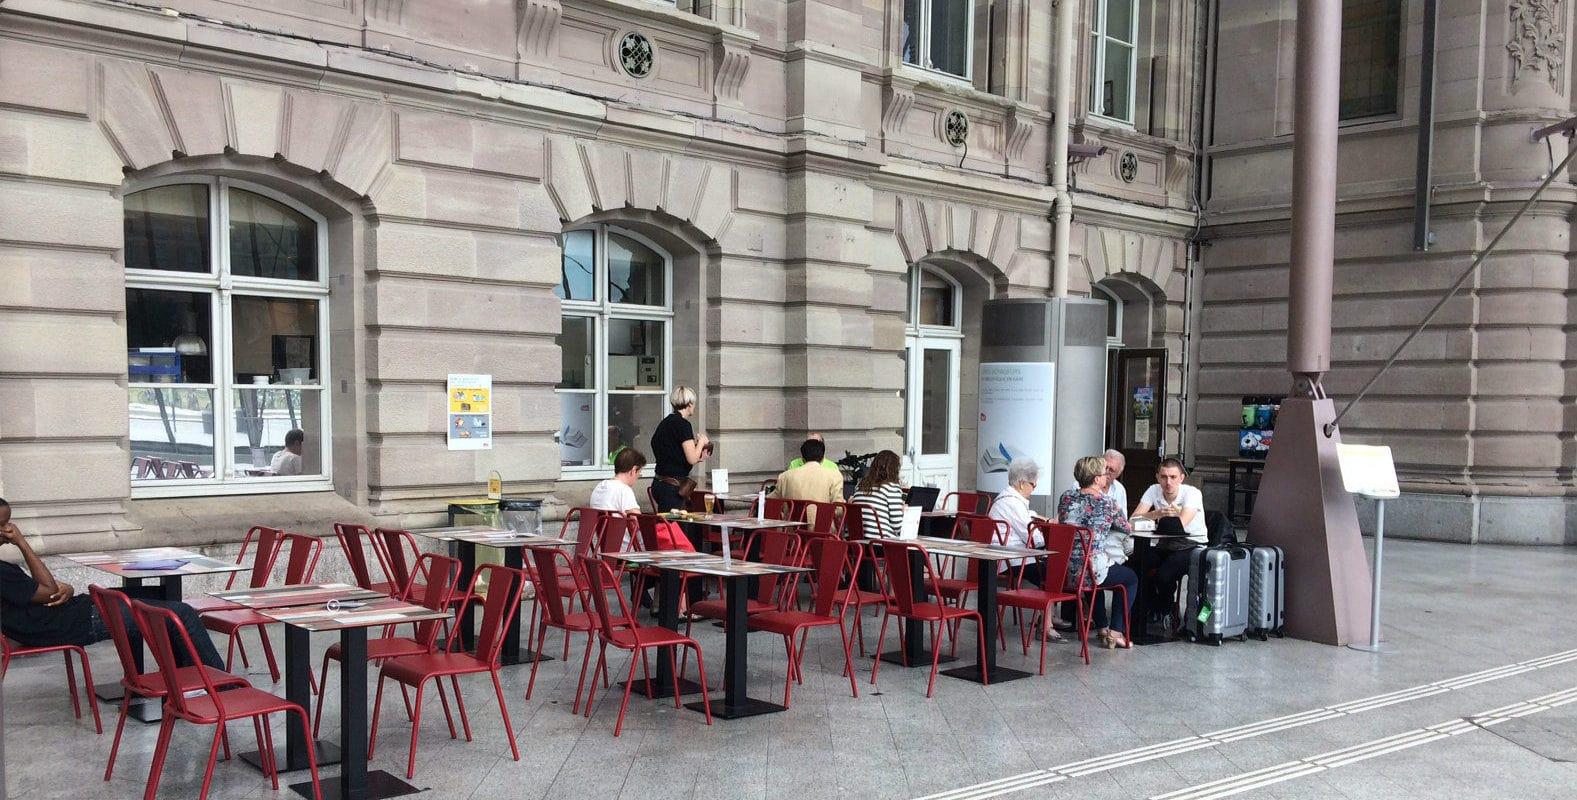 À la gare, les sièges remplacés par des terrasses où l'on peut rester gratuitement